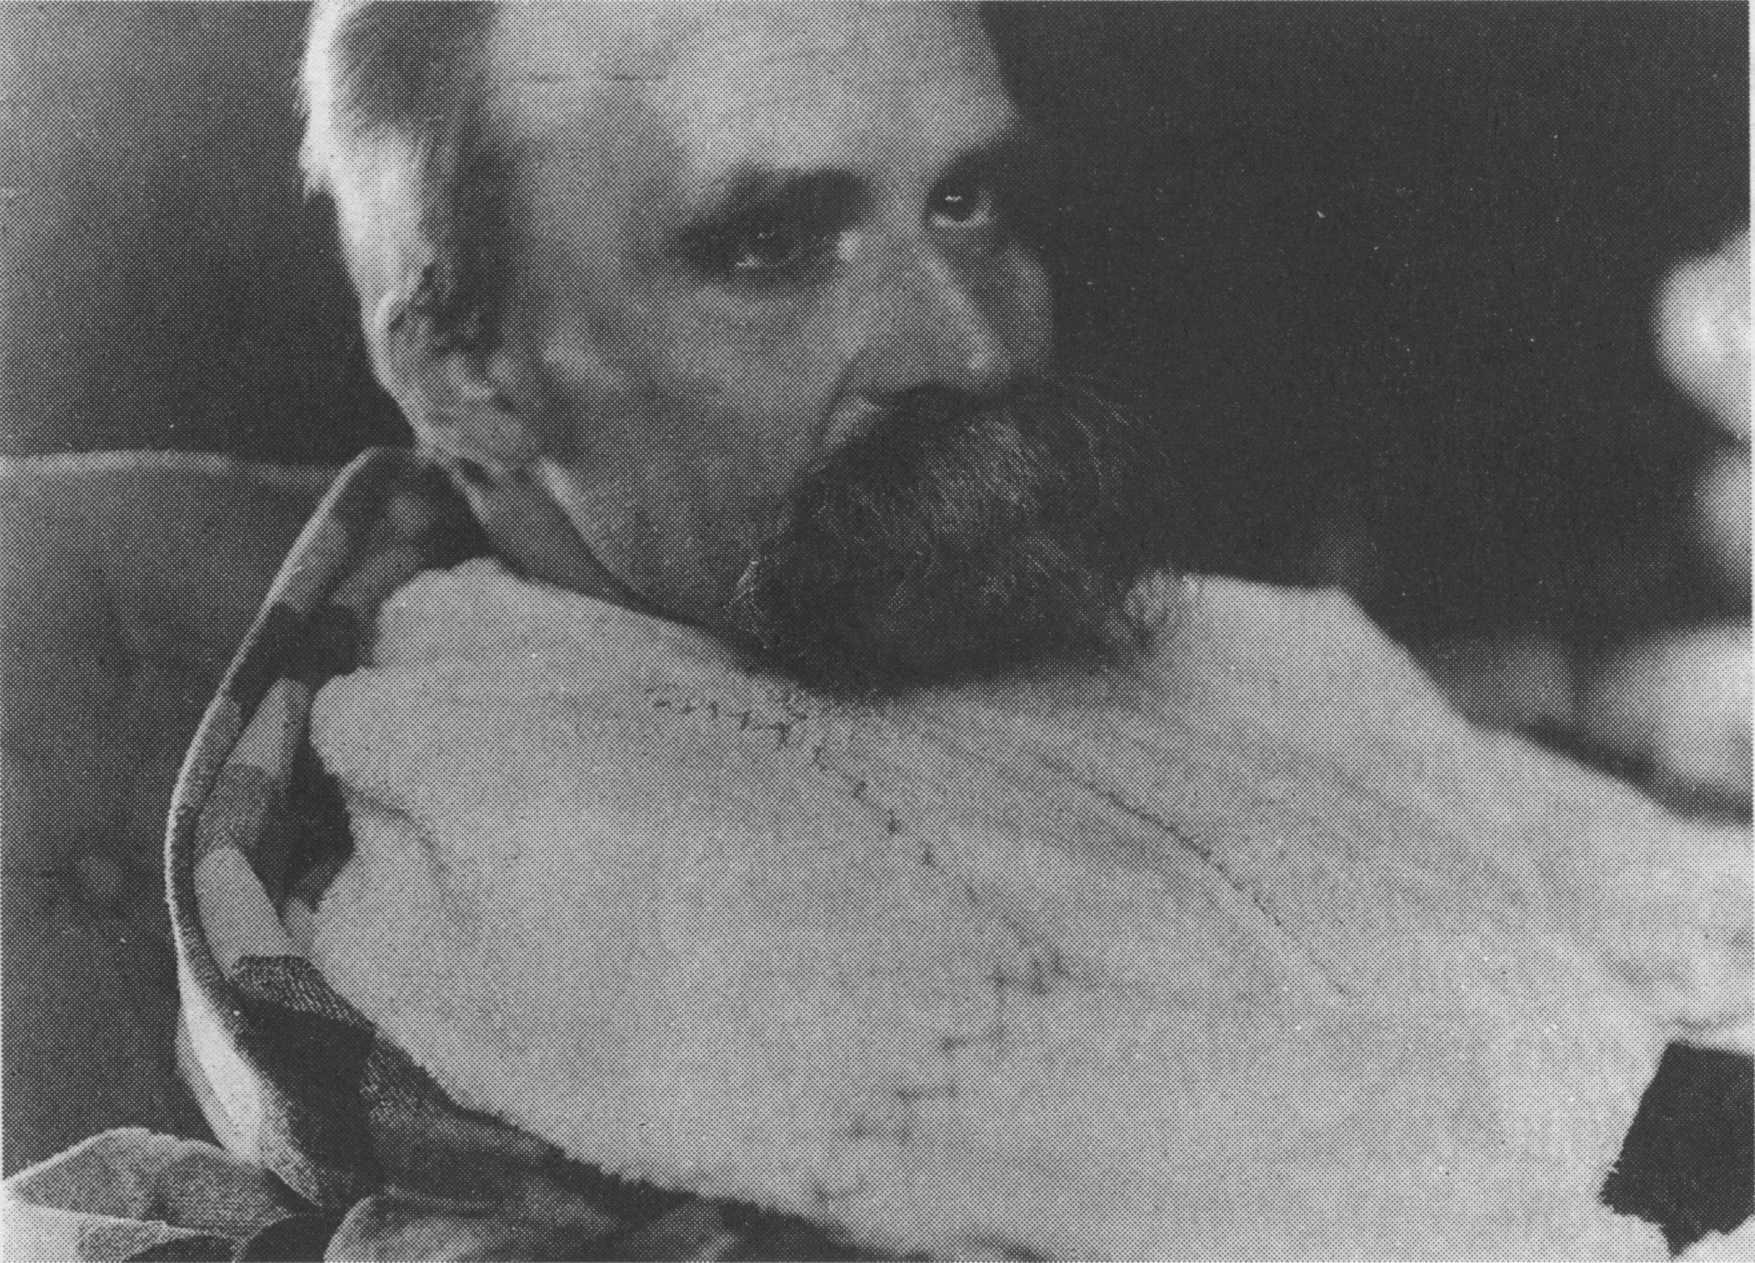 Фридрих Ницше в психиатрической клинике, 1899 г.